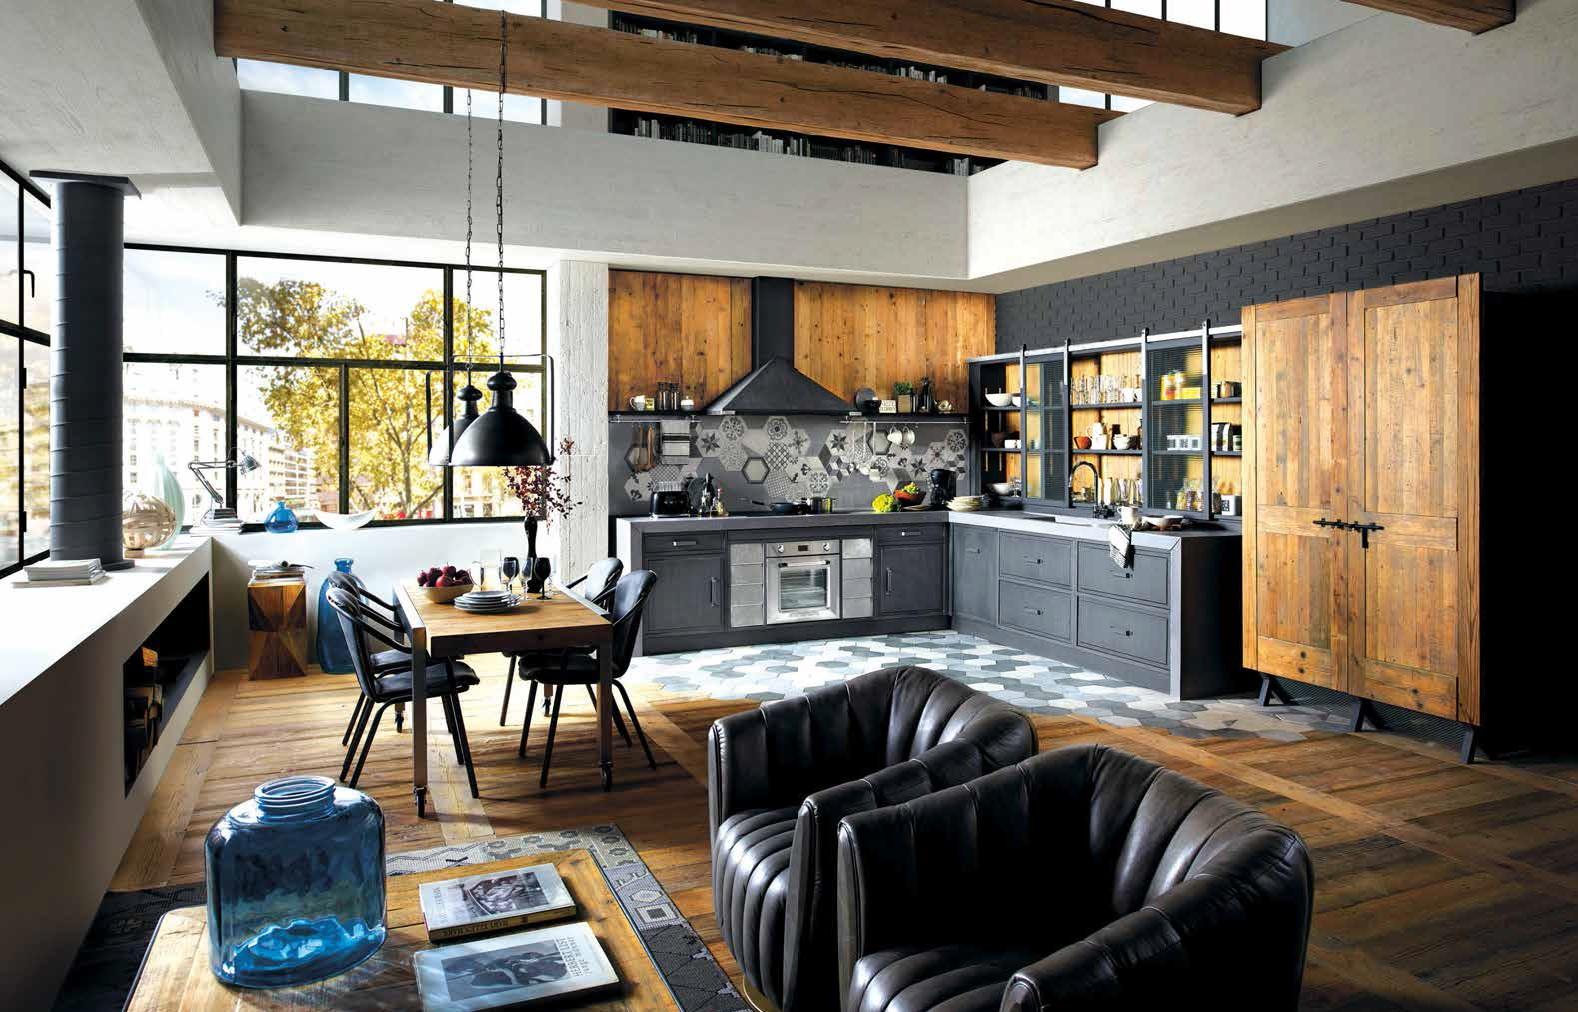 Nuove cucine: living e fornelli in un spazio   Ville&Casali